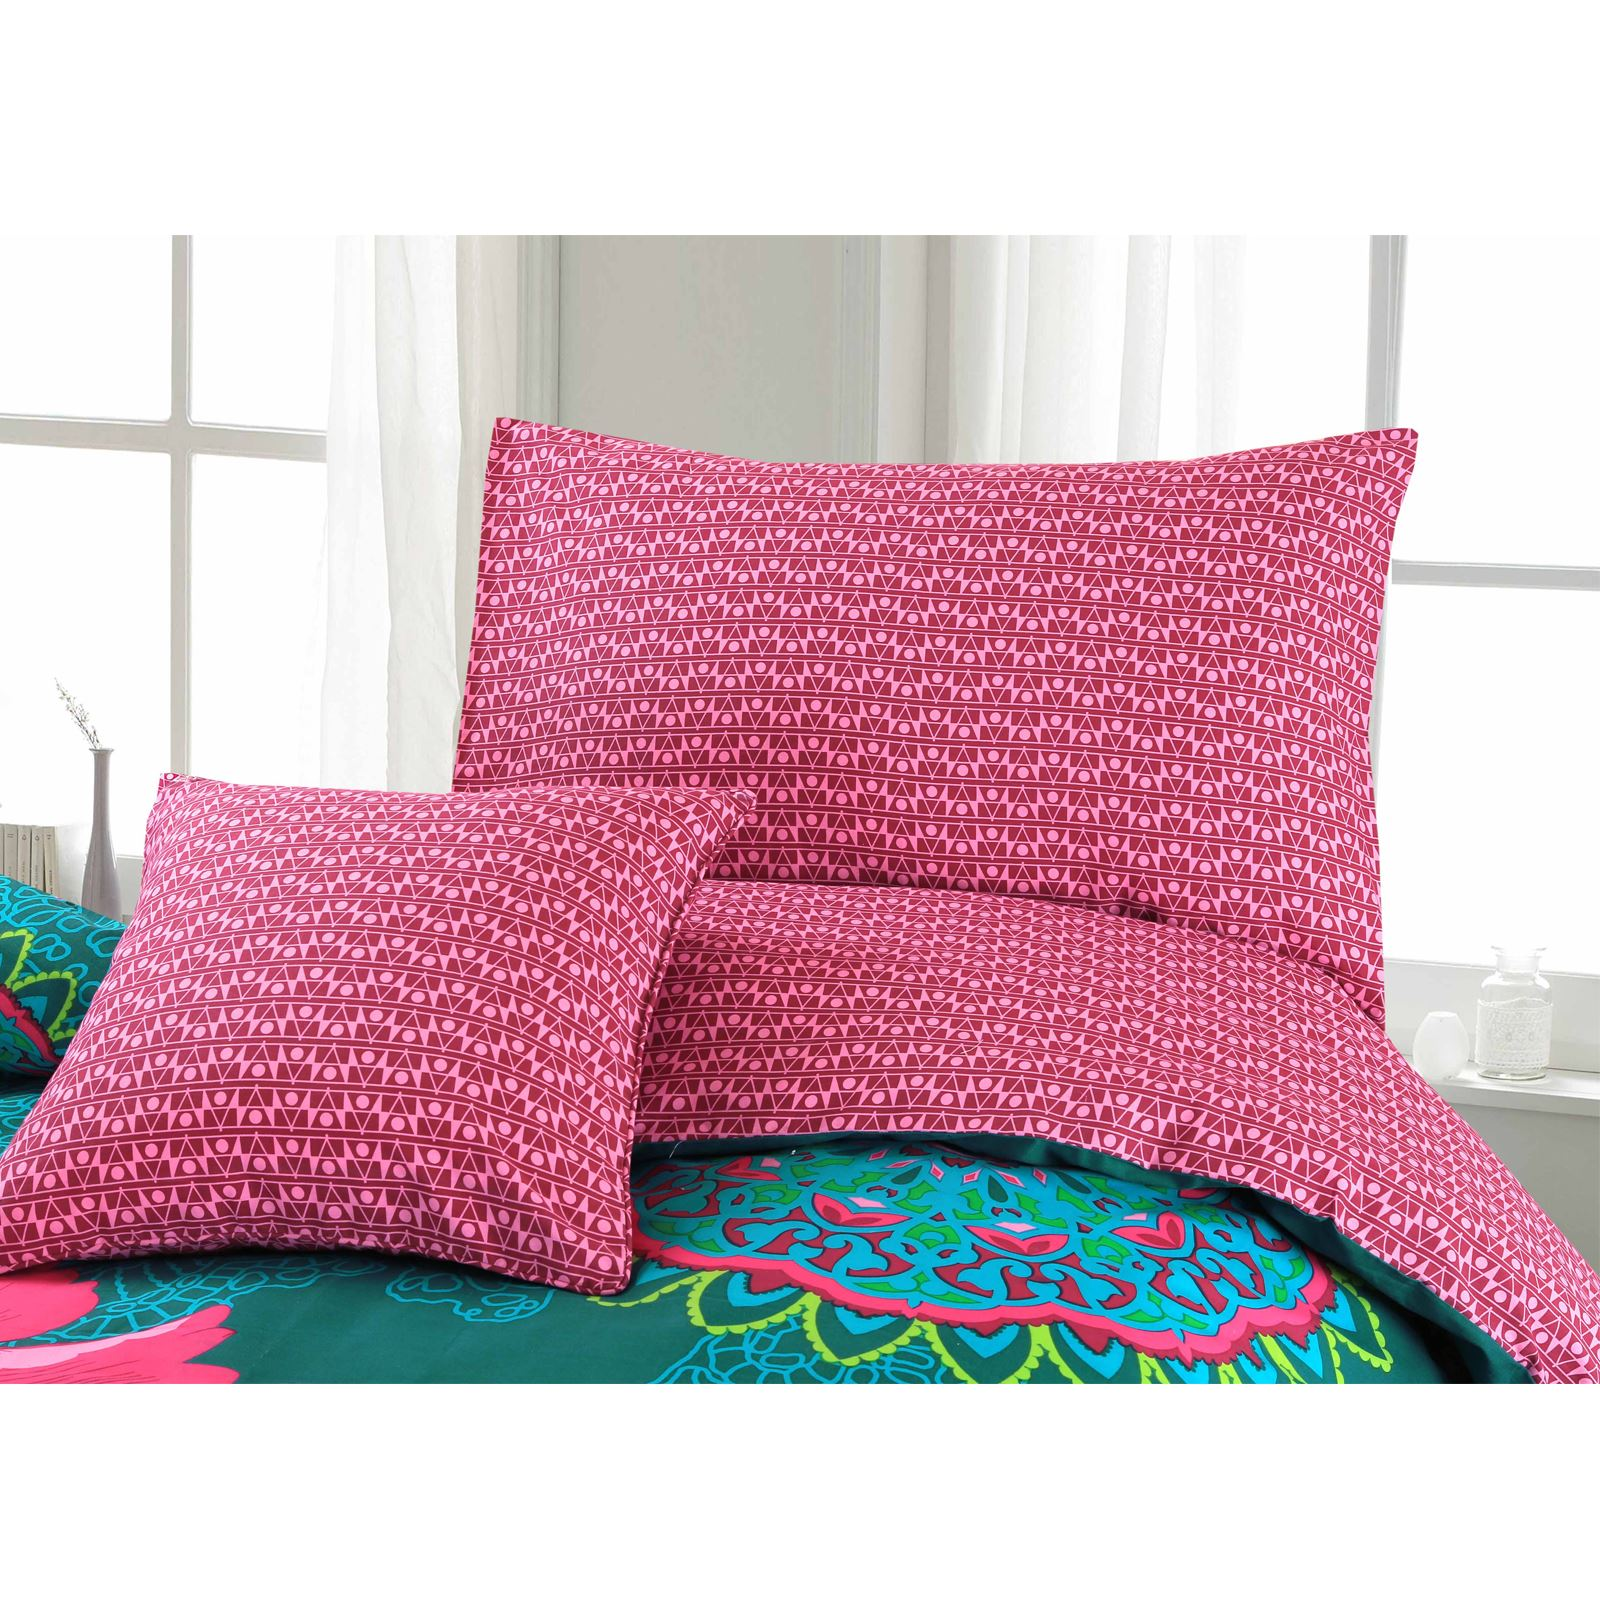 Ropa-de-cama-estampado-floral-bohemio-conjunto-de-edredon-de-funda-nordica-individual-Doble-King miniatura 11